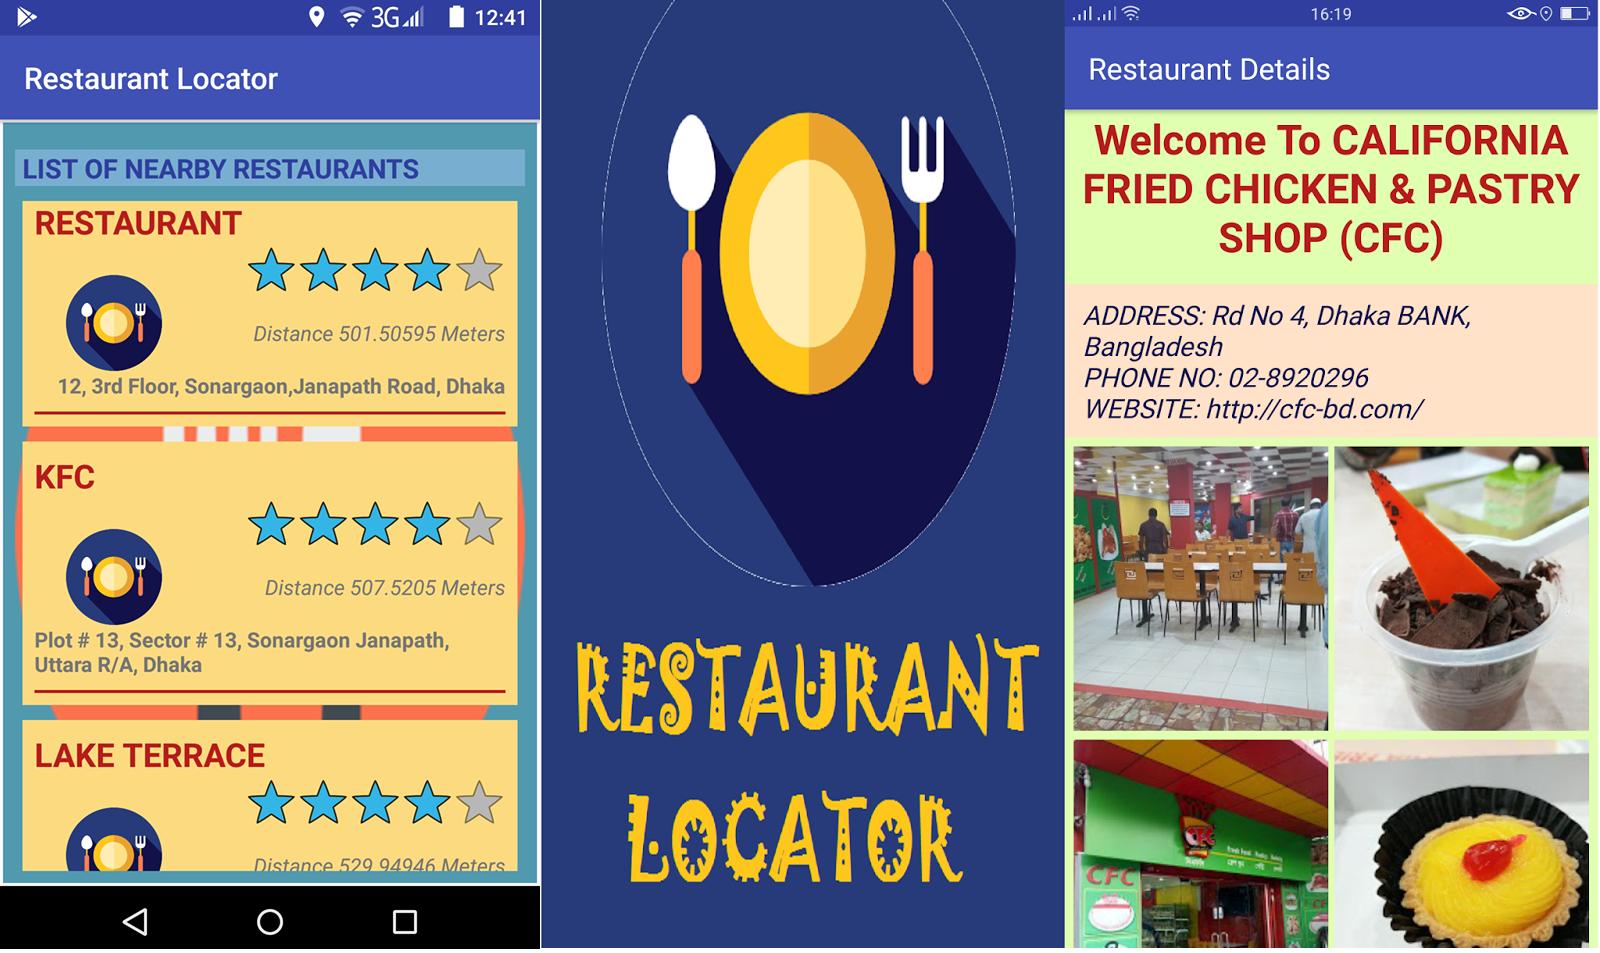 Restaurant Locator Android